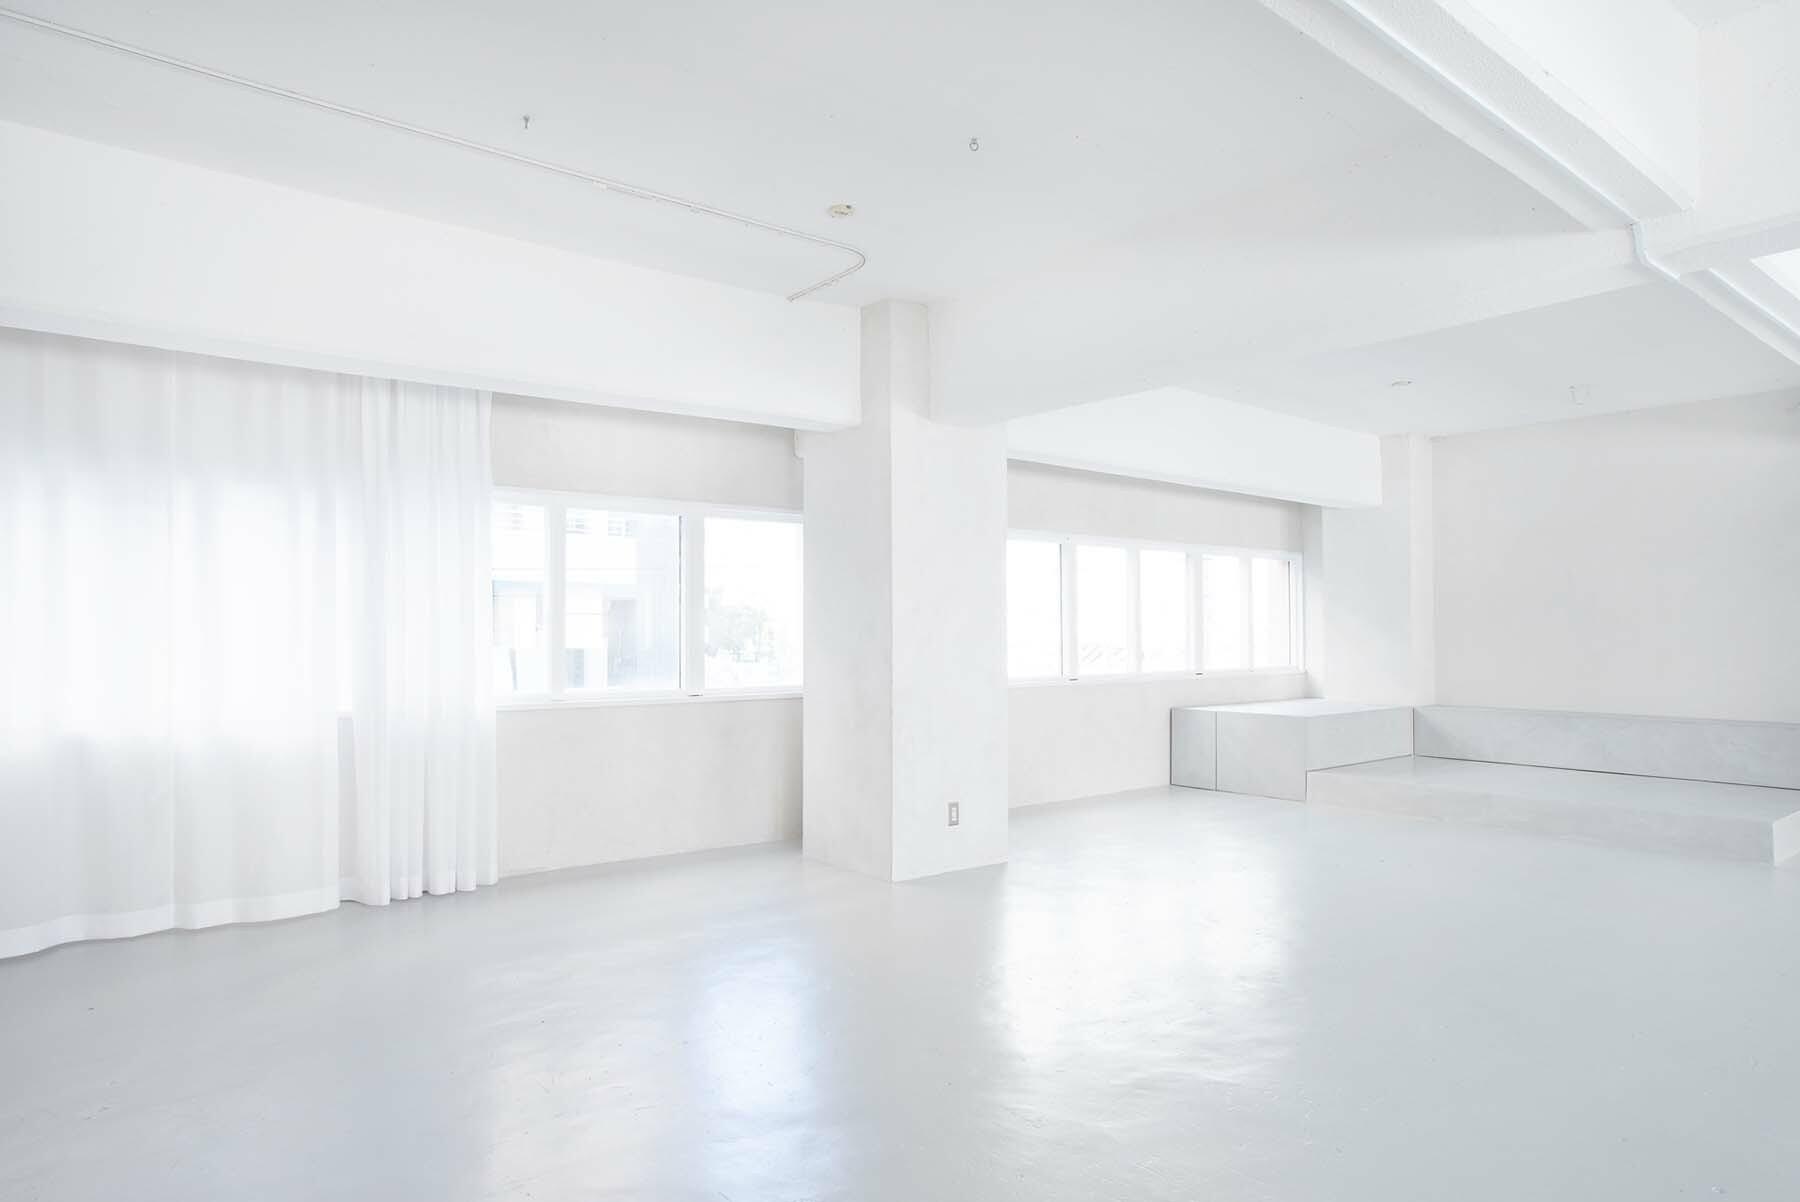 StudioBRICK 2F (スタジオブリック八丁堀2F)漆喰の白壁設置時